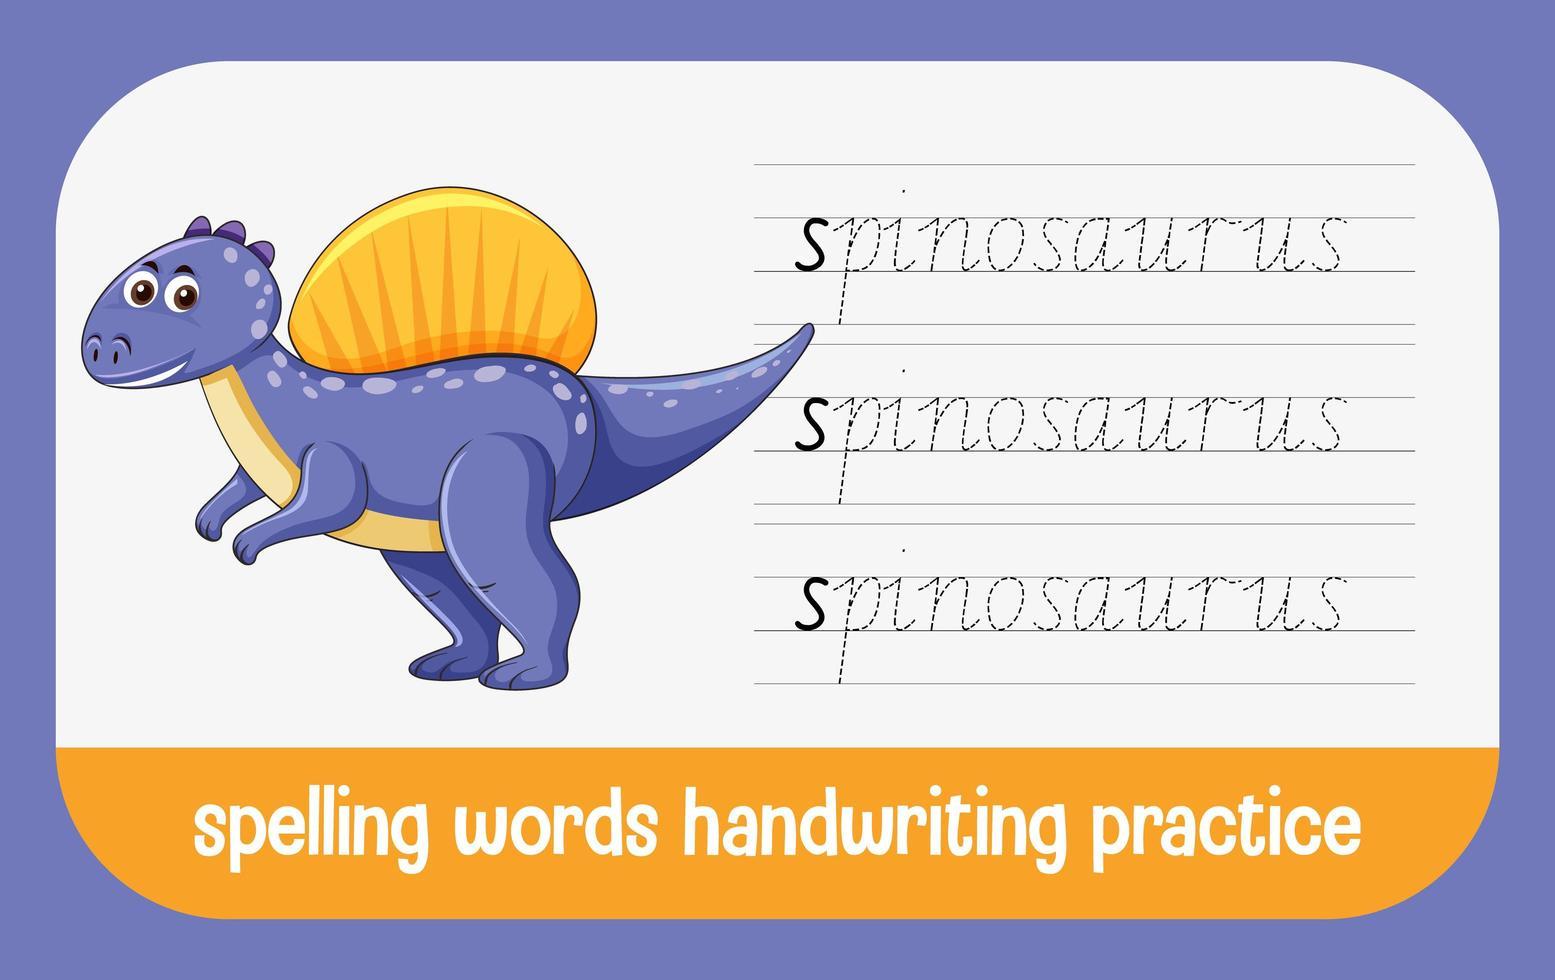 stavning ord dinosaurie handskrift övning kalkylblad vektor